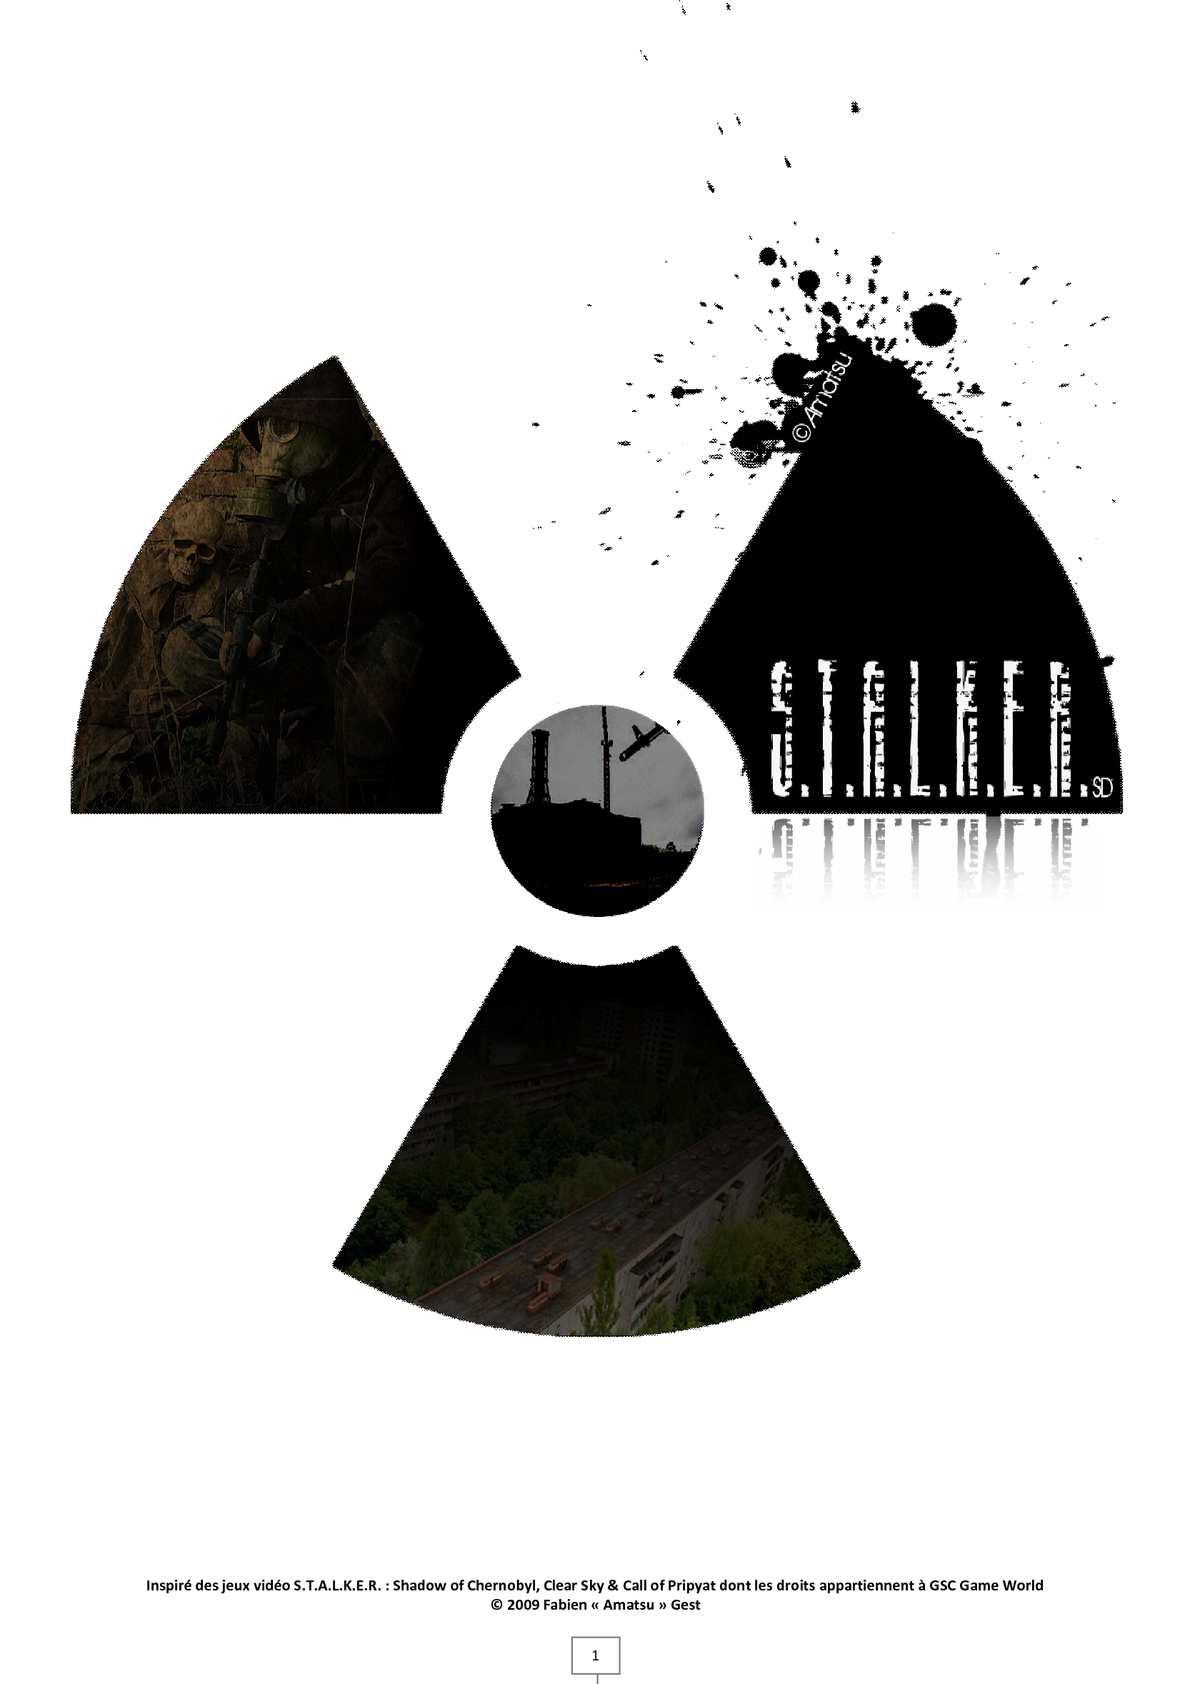 S.T.A.L.K.E.R. JDR papier